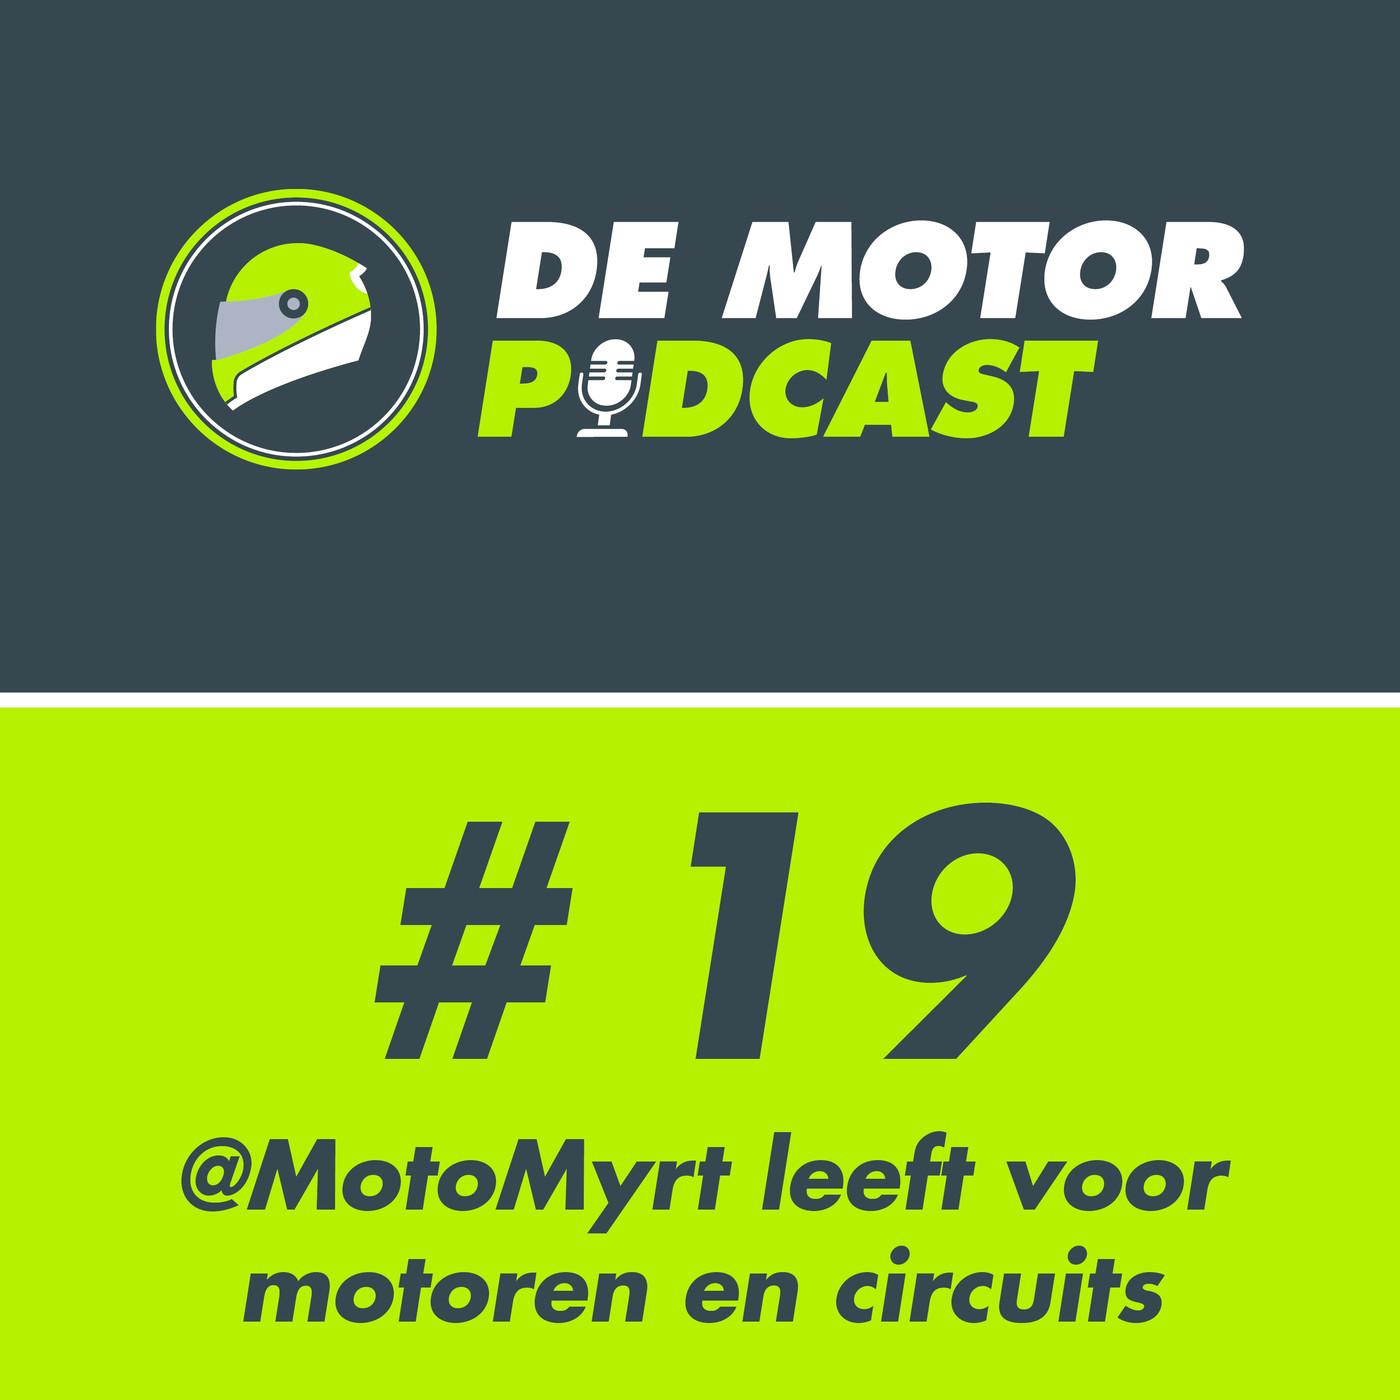 #19 MotoMyrt (Myrte) leeft voor snelle motoren en circuits. Image